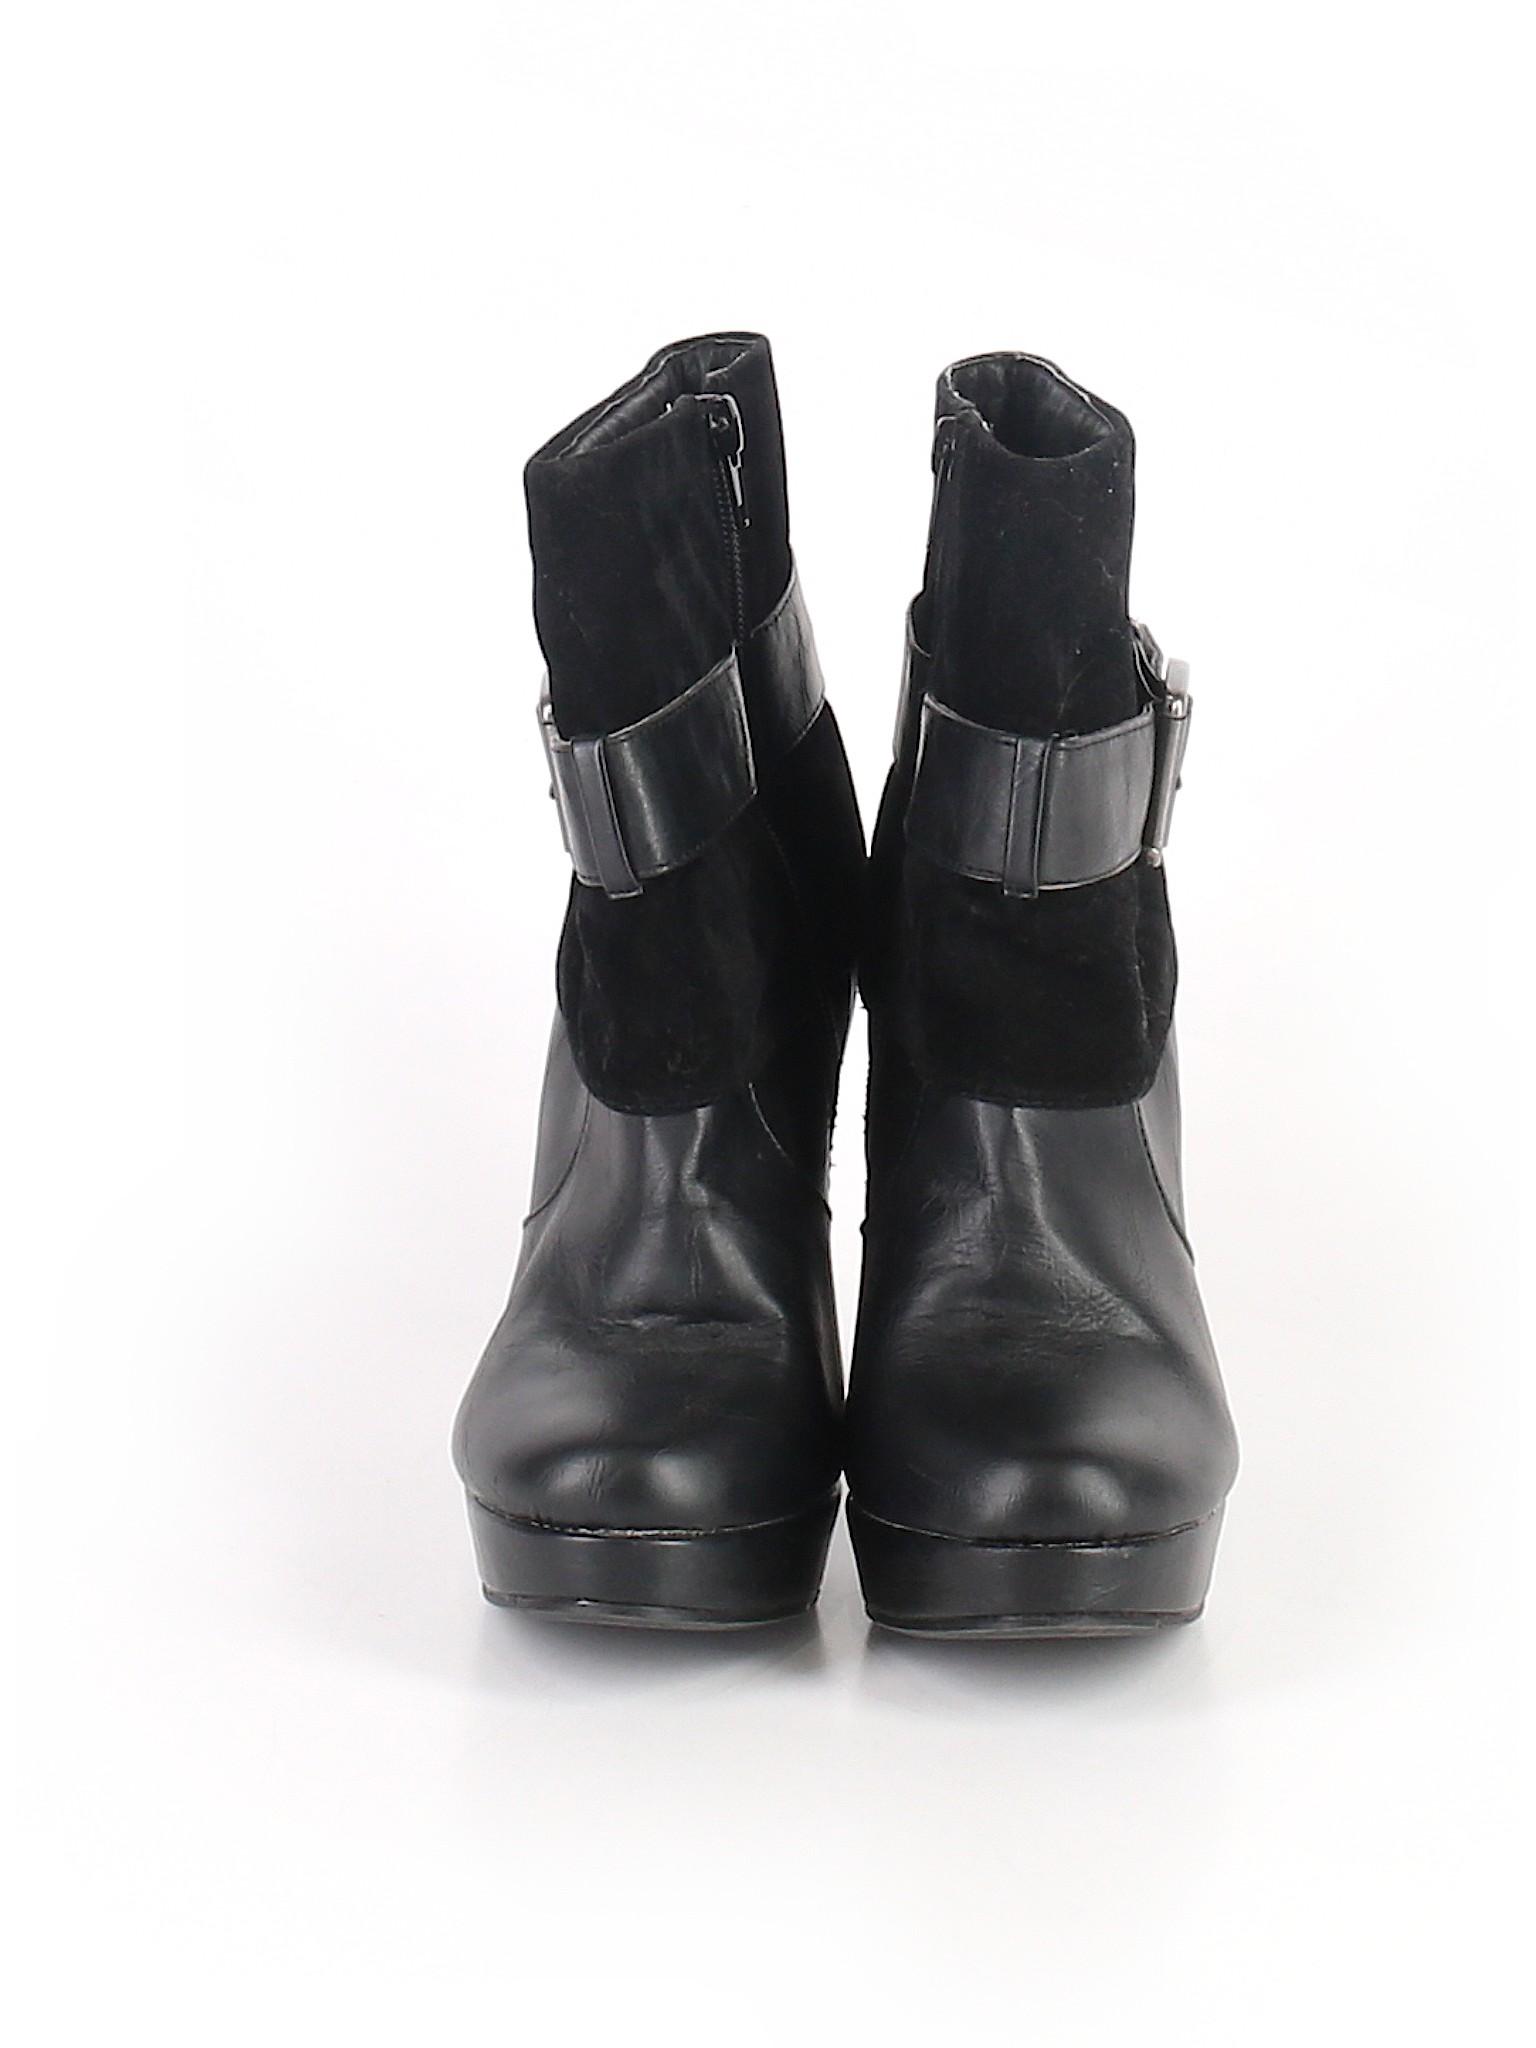 Boutique promotion Oxygene Boutique Boots Boots Oxygene Ankle Ankle Boutique promotion p7SUtfq